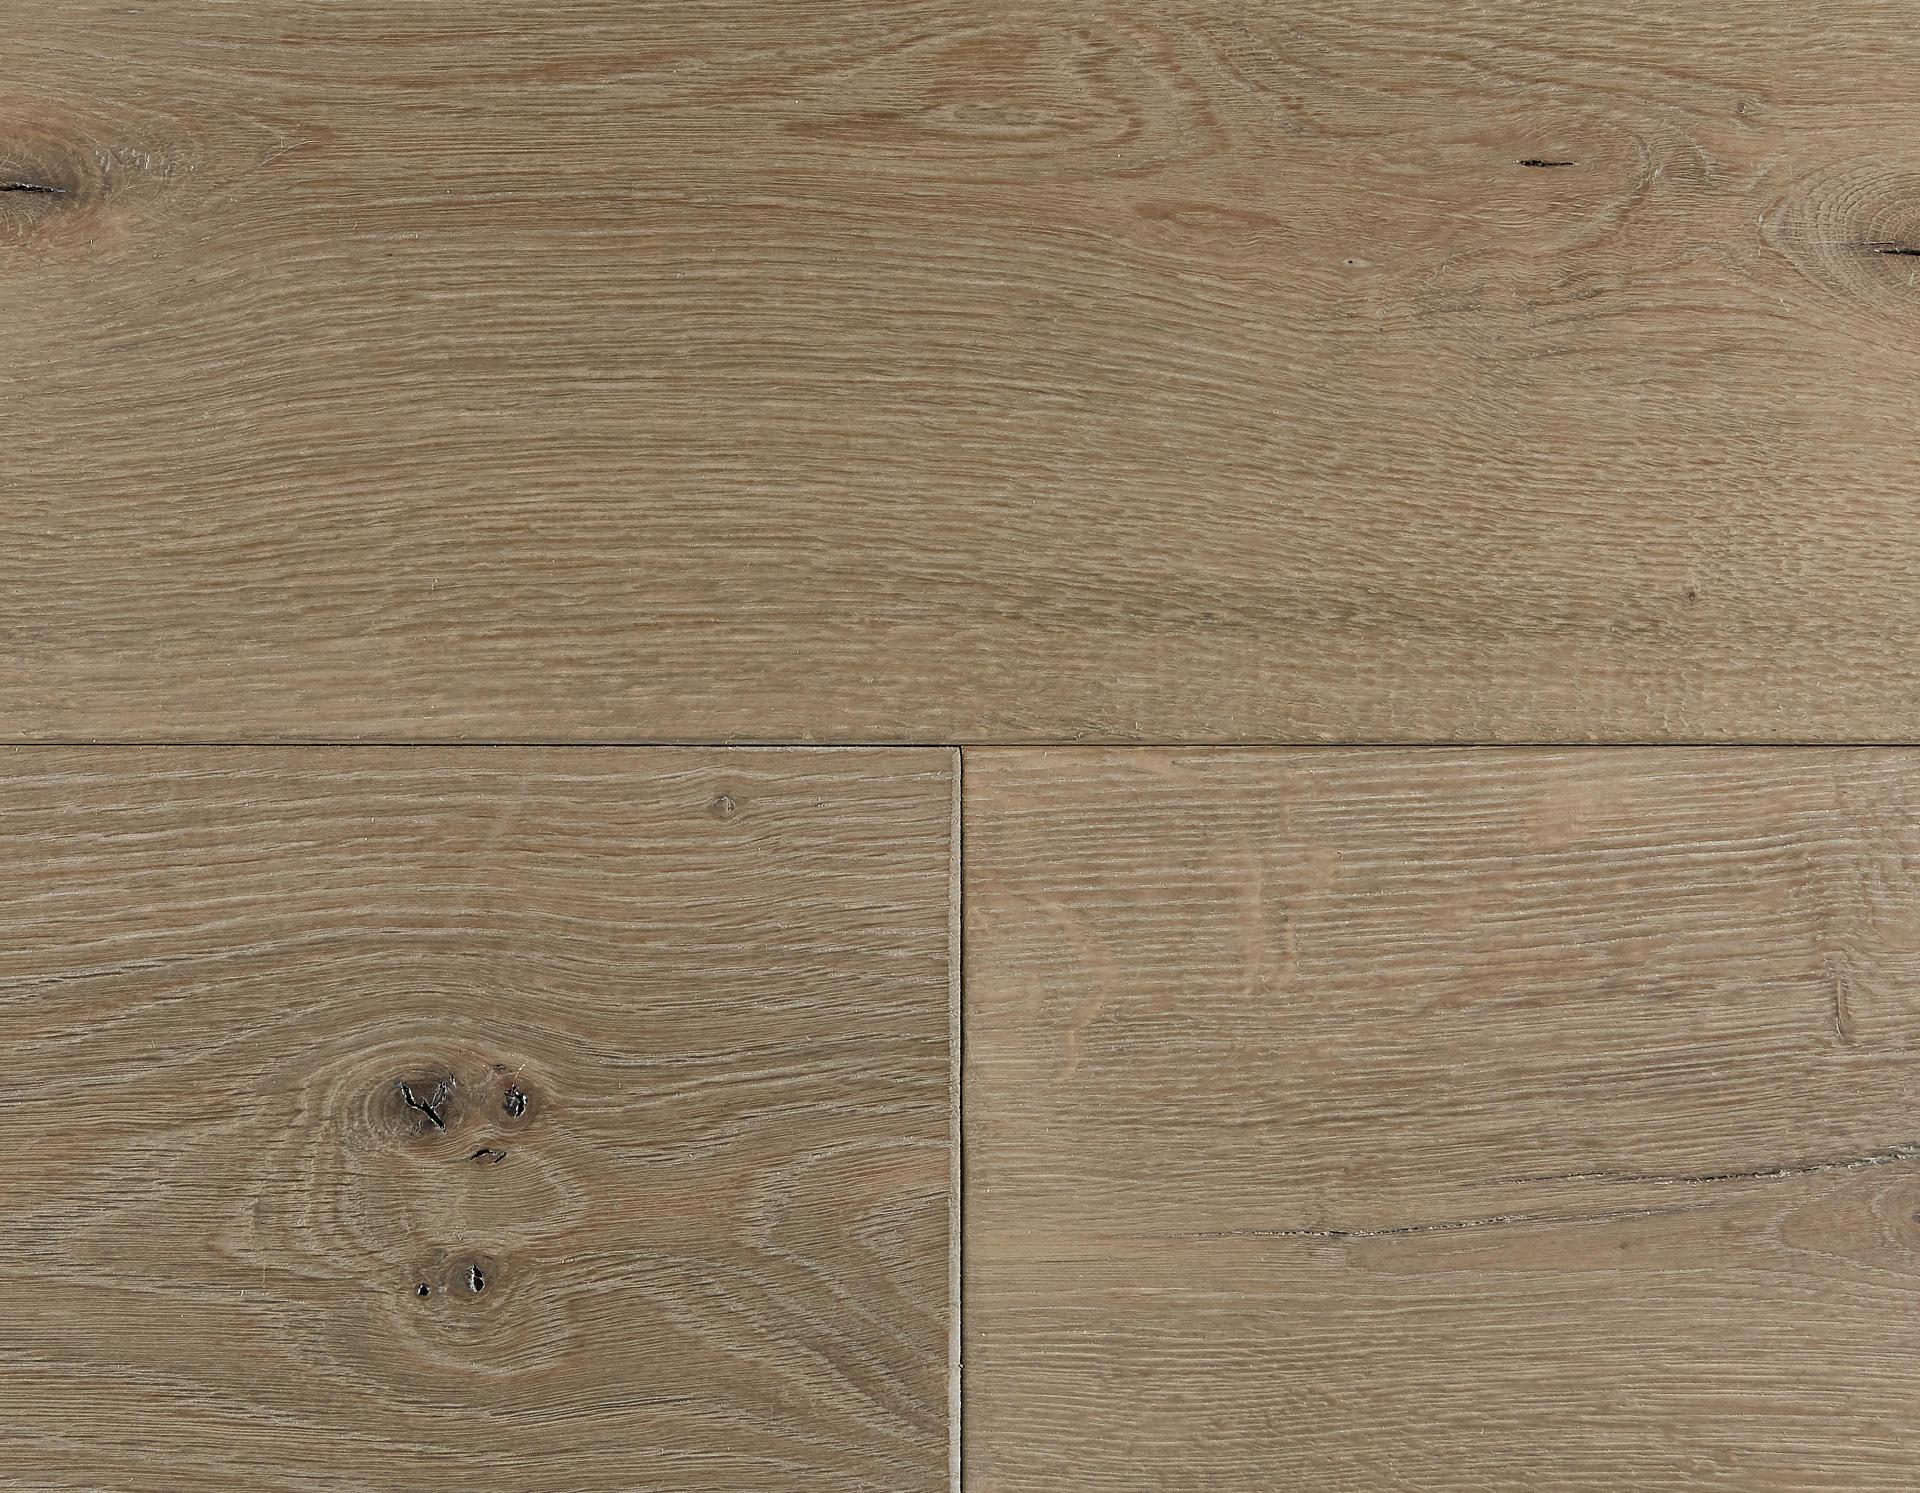 dielenboden aus eiche - ein boden fürs leben - dielenschmiede gmbh